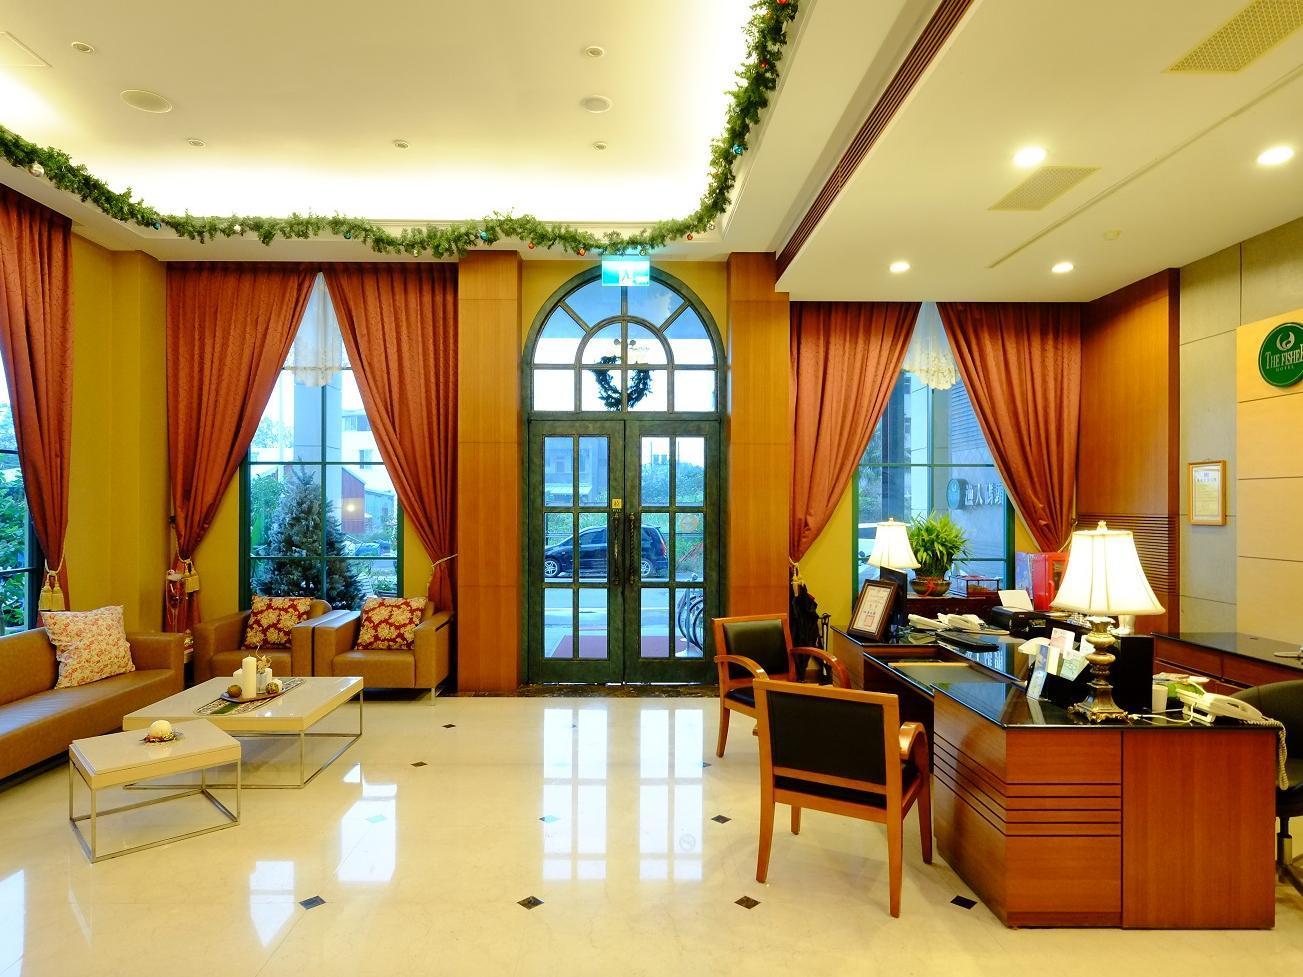 臺北市漁人碼頭休閒旅館 (The Fisher Hotel) - Agoda 提供行程前一刻網上即時優惠價格訂房服務